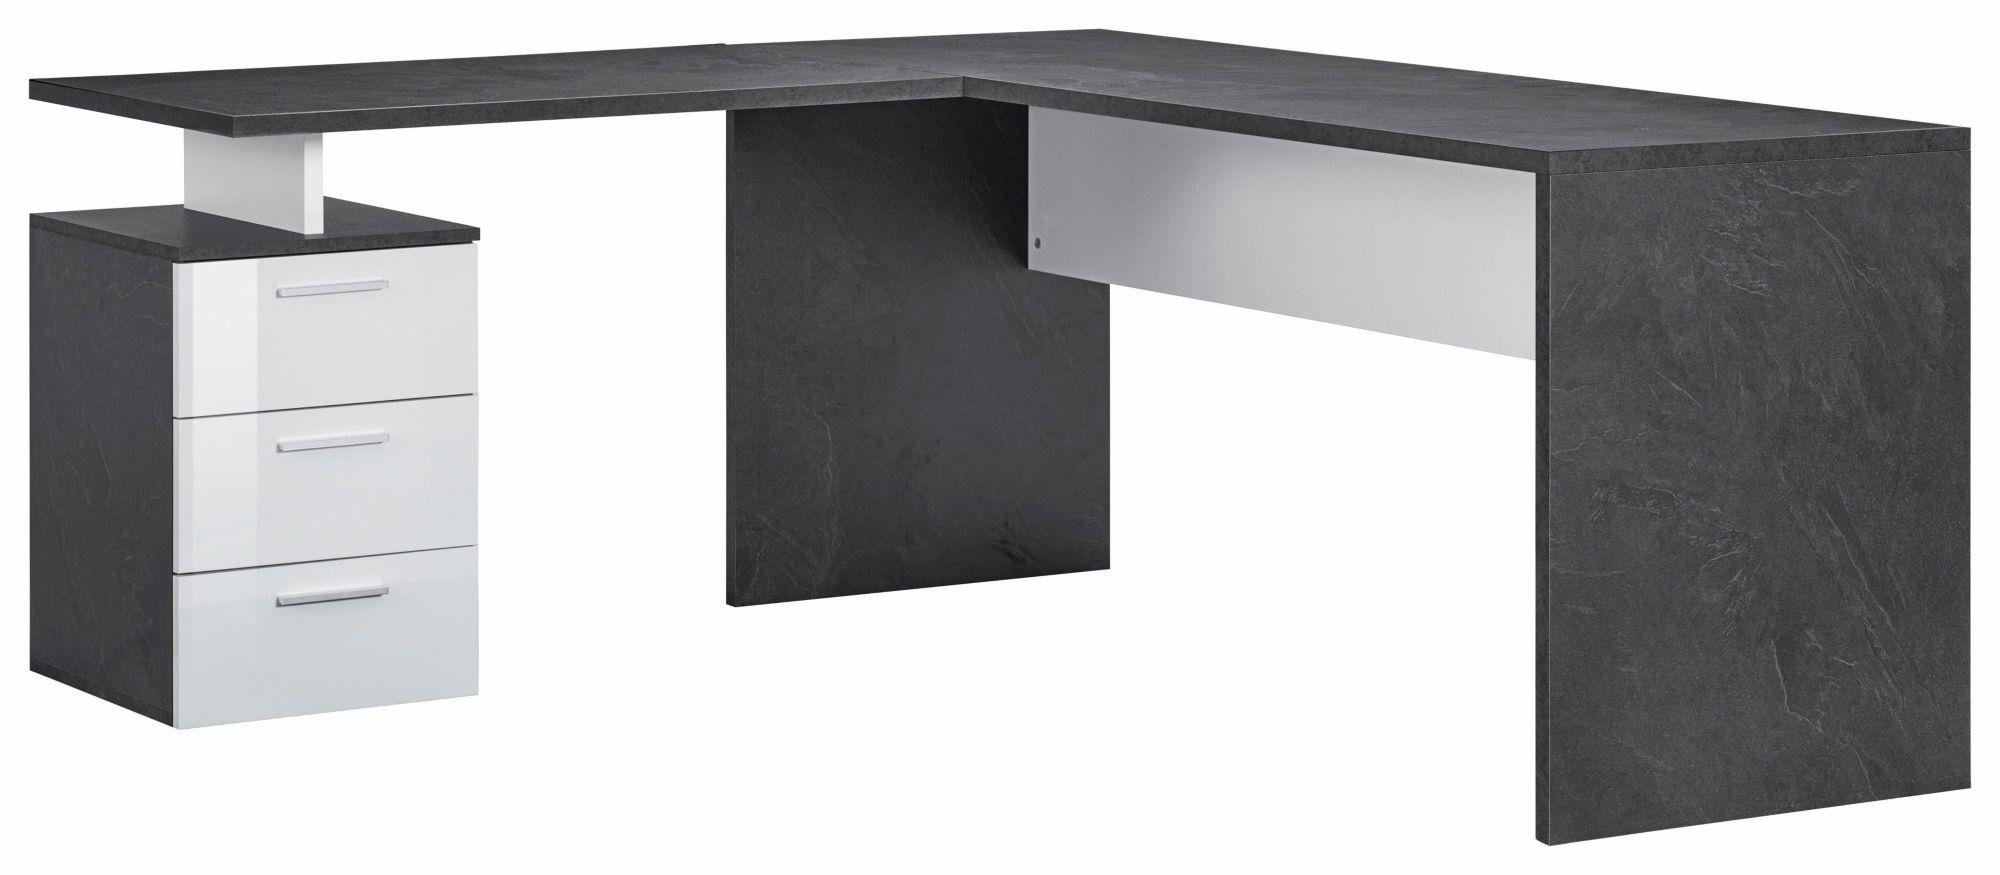 schreibtische eck g nstig online kaufen beim schwab versand. Black Bedroom Furniture Sets. Home Design Ideas